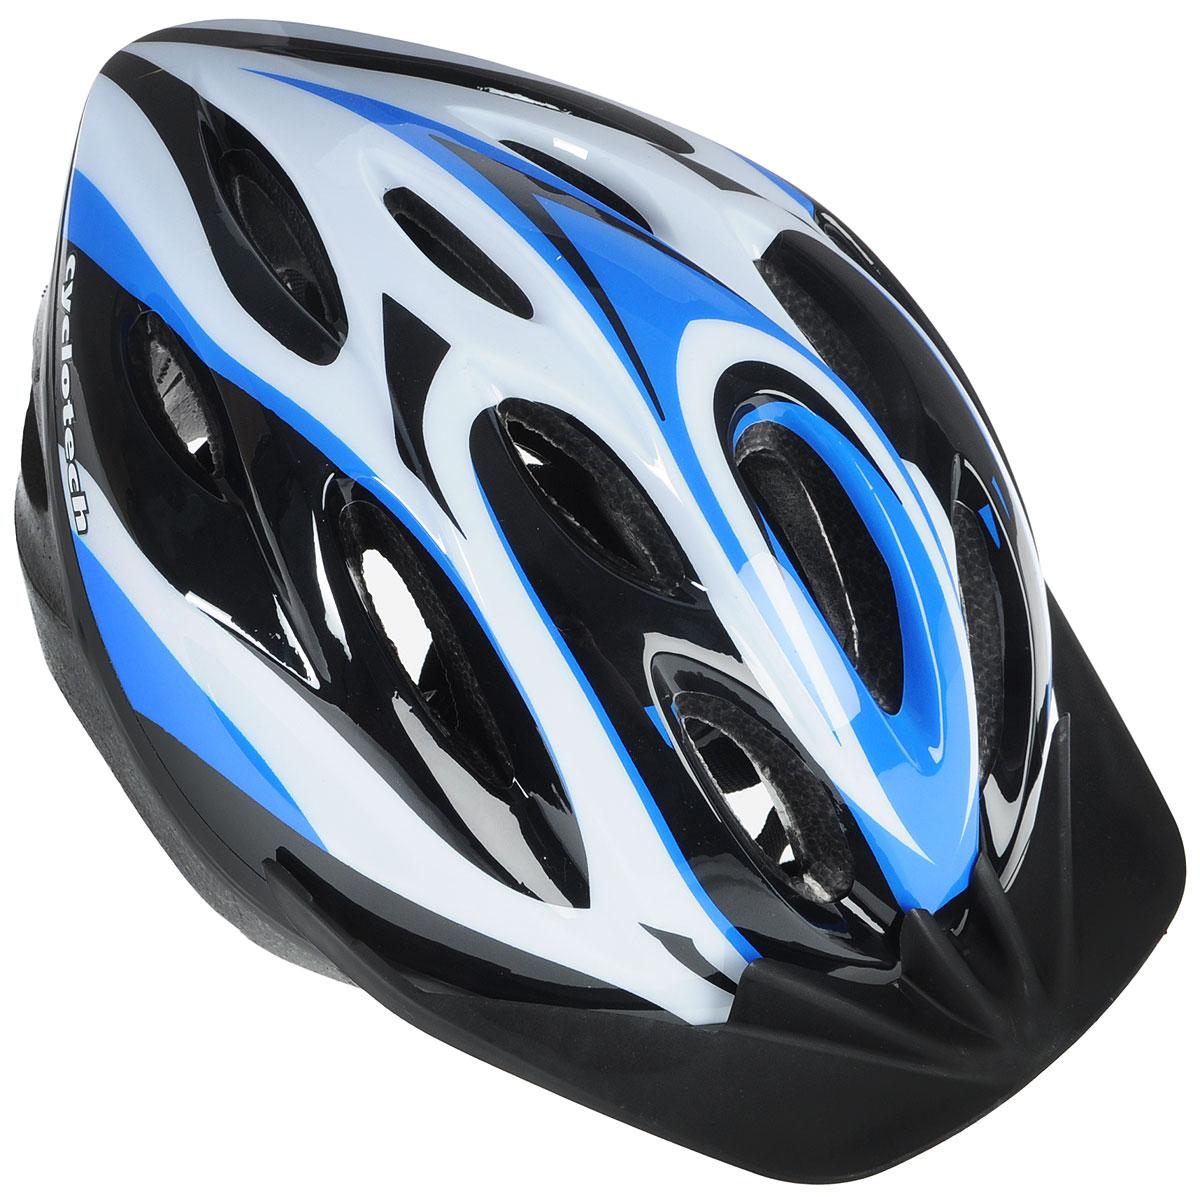 Шлем велосипедный Cyclotech, цвет: черный, синий, белый. Размер LCHLO-14MШлем Cyclotech изготовлен по технологии OutMold, которая обеспечивает хорошее сочетание невысокой цены и достаточной технологичности. Увеличенное количество вентиляционных отверстий обеспечивает отличную циркуляцию воздуха на любой скорости при сохранении жесткости шлема. Верхняя часть изделия выполнена из прочного пластика, внутренняя - пенополистирол. Шлем снабжен универсальным внутренним настроечным кольцом и регулируемыми текстильными ремешками. Шлем соответствует международным стандартам безопасности и надежности.